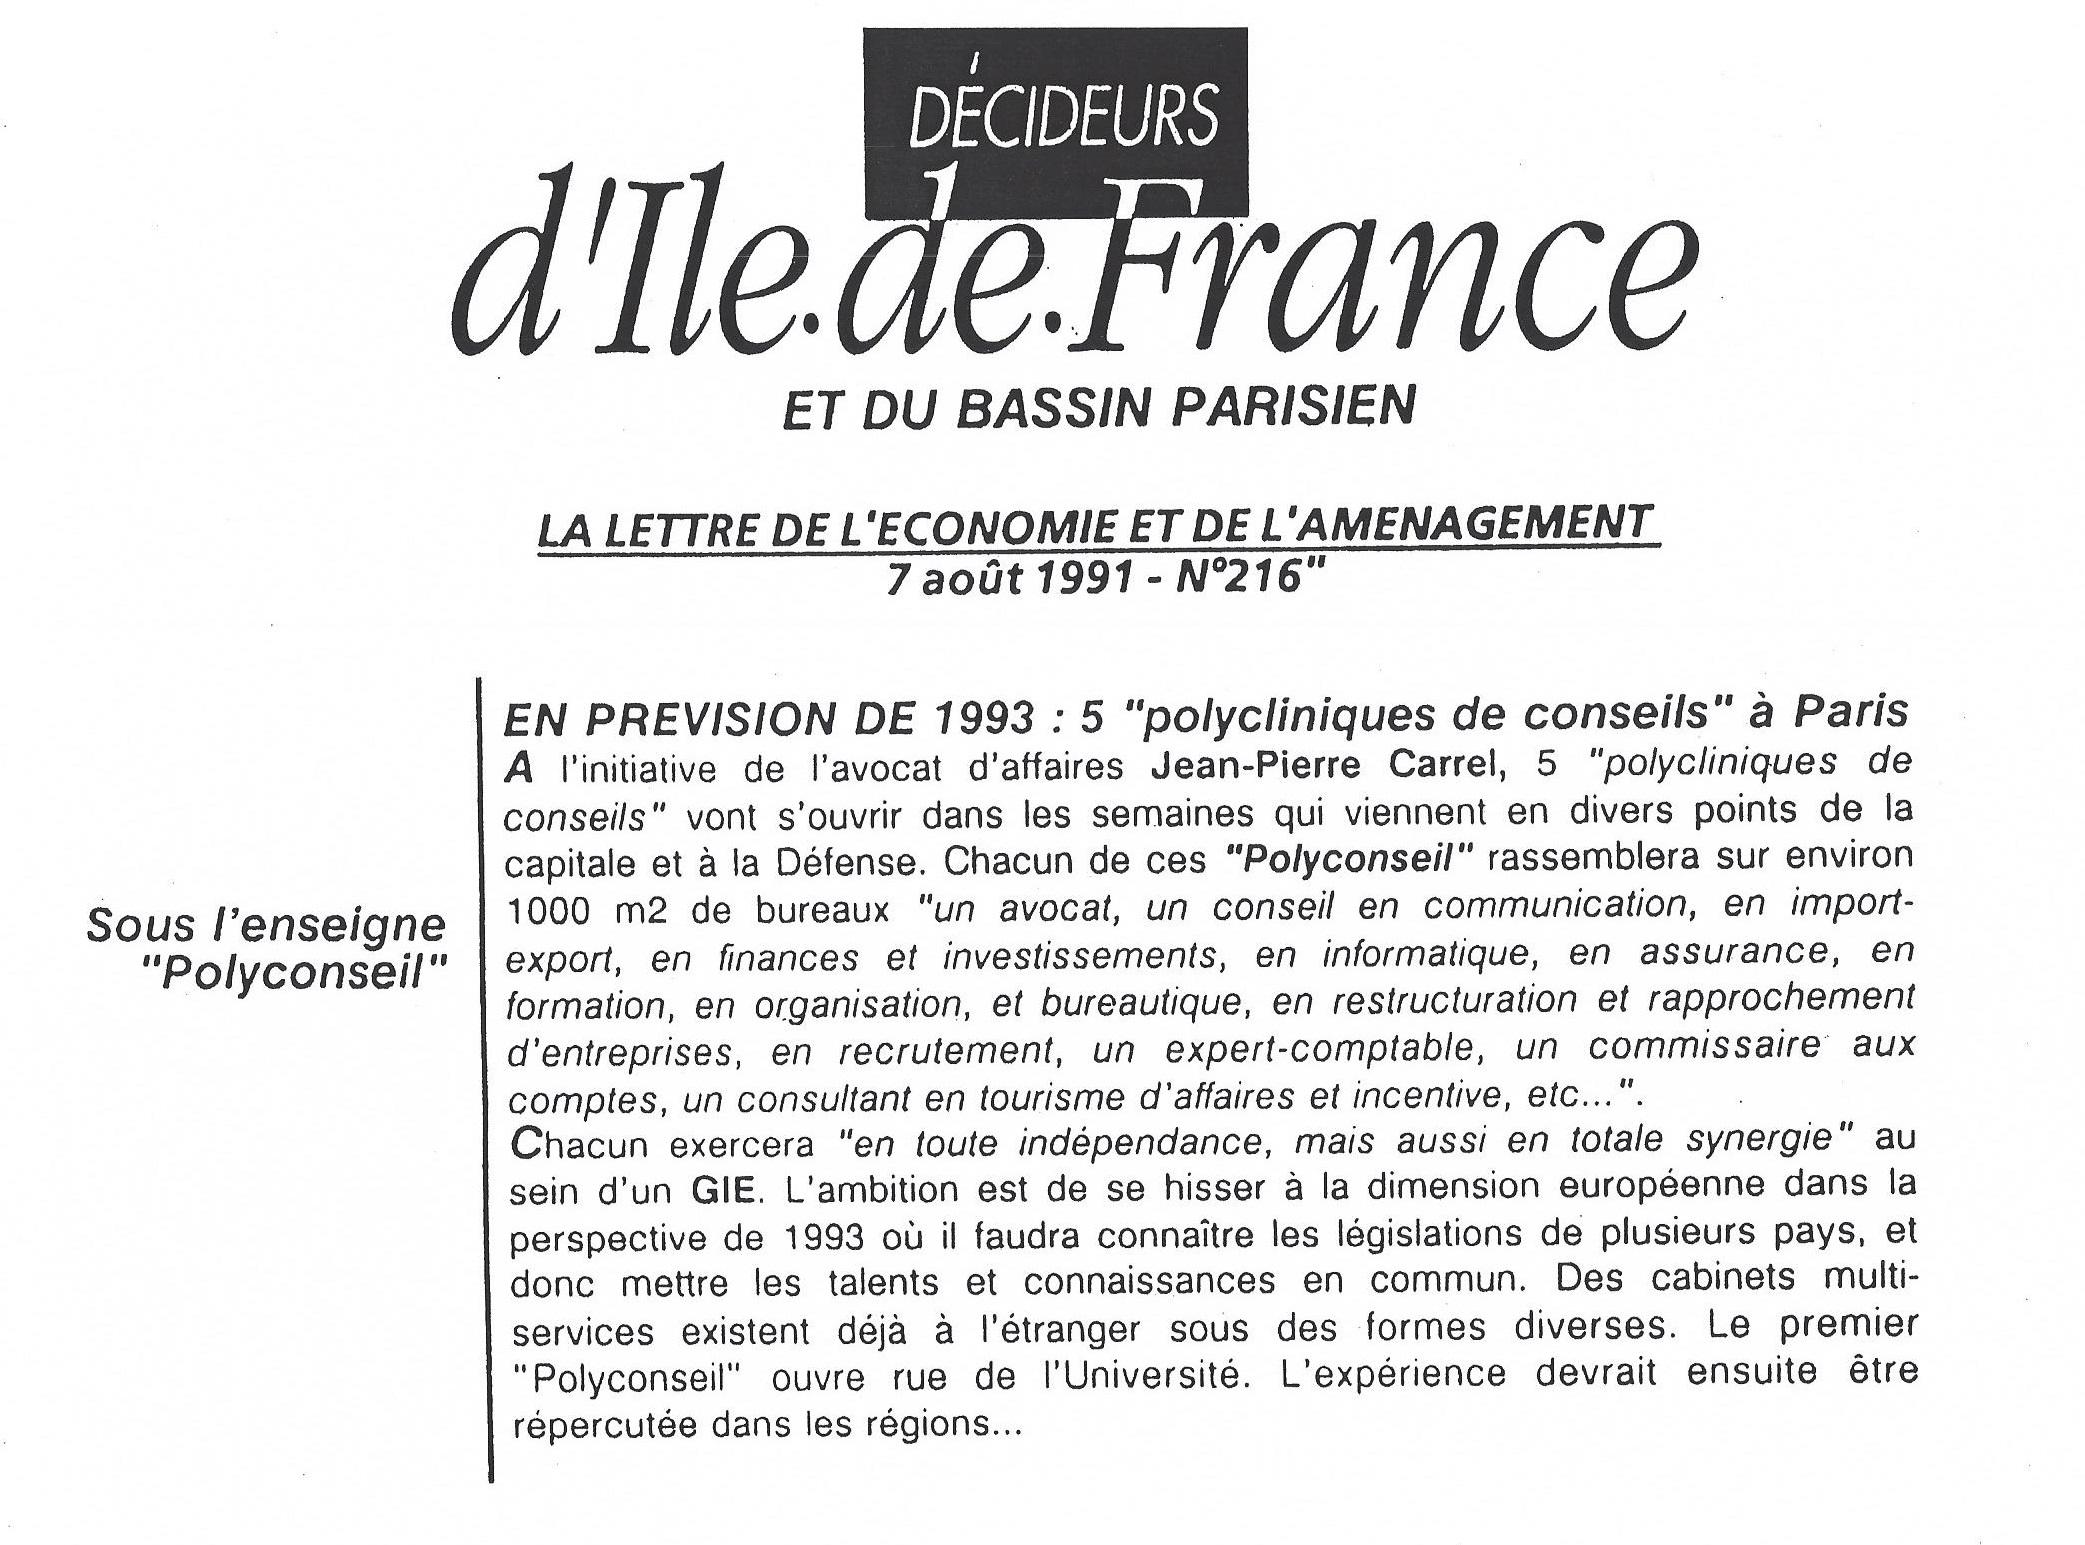 Décideurs d'Ile-De-France et du bassin parisien